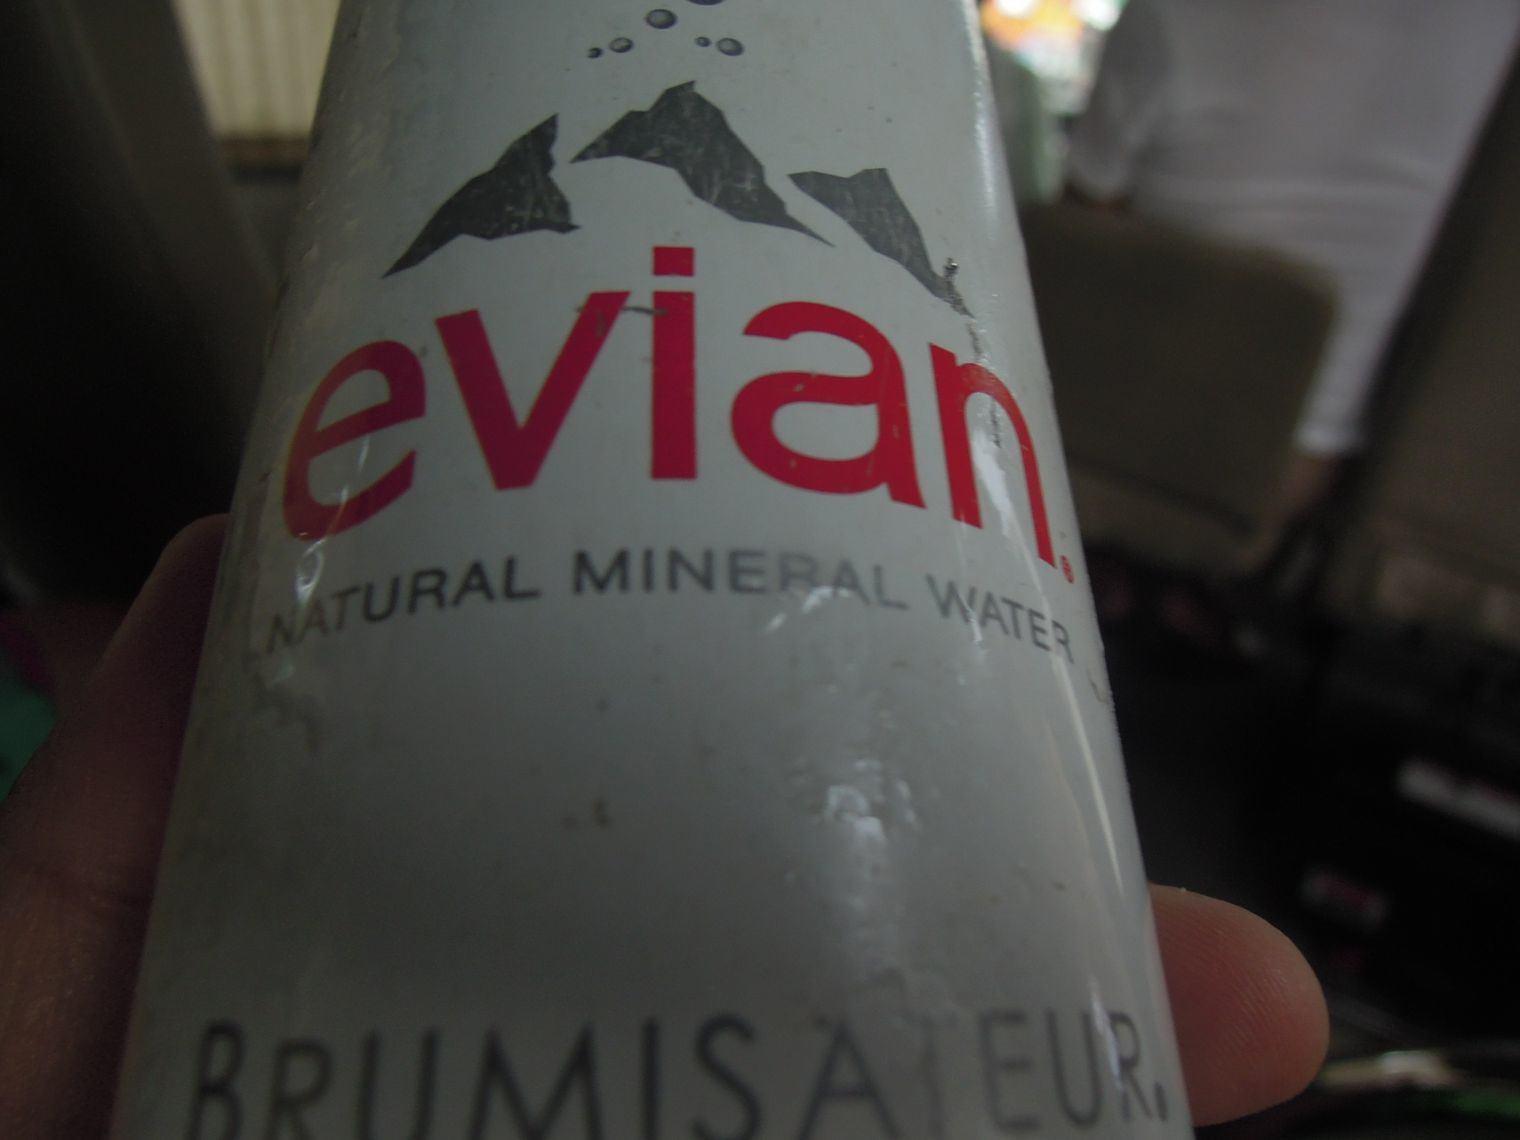 Evian facial spray at Misibis Bay shuttle bus